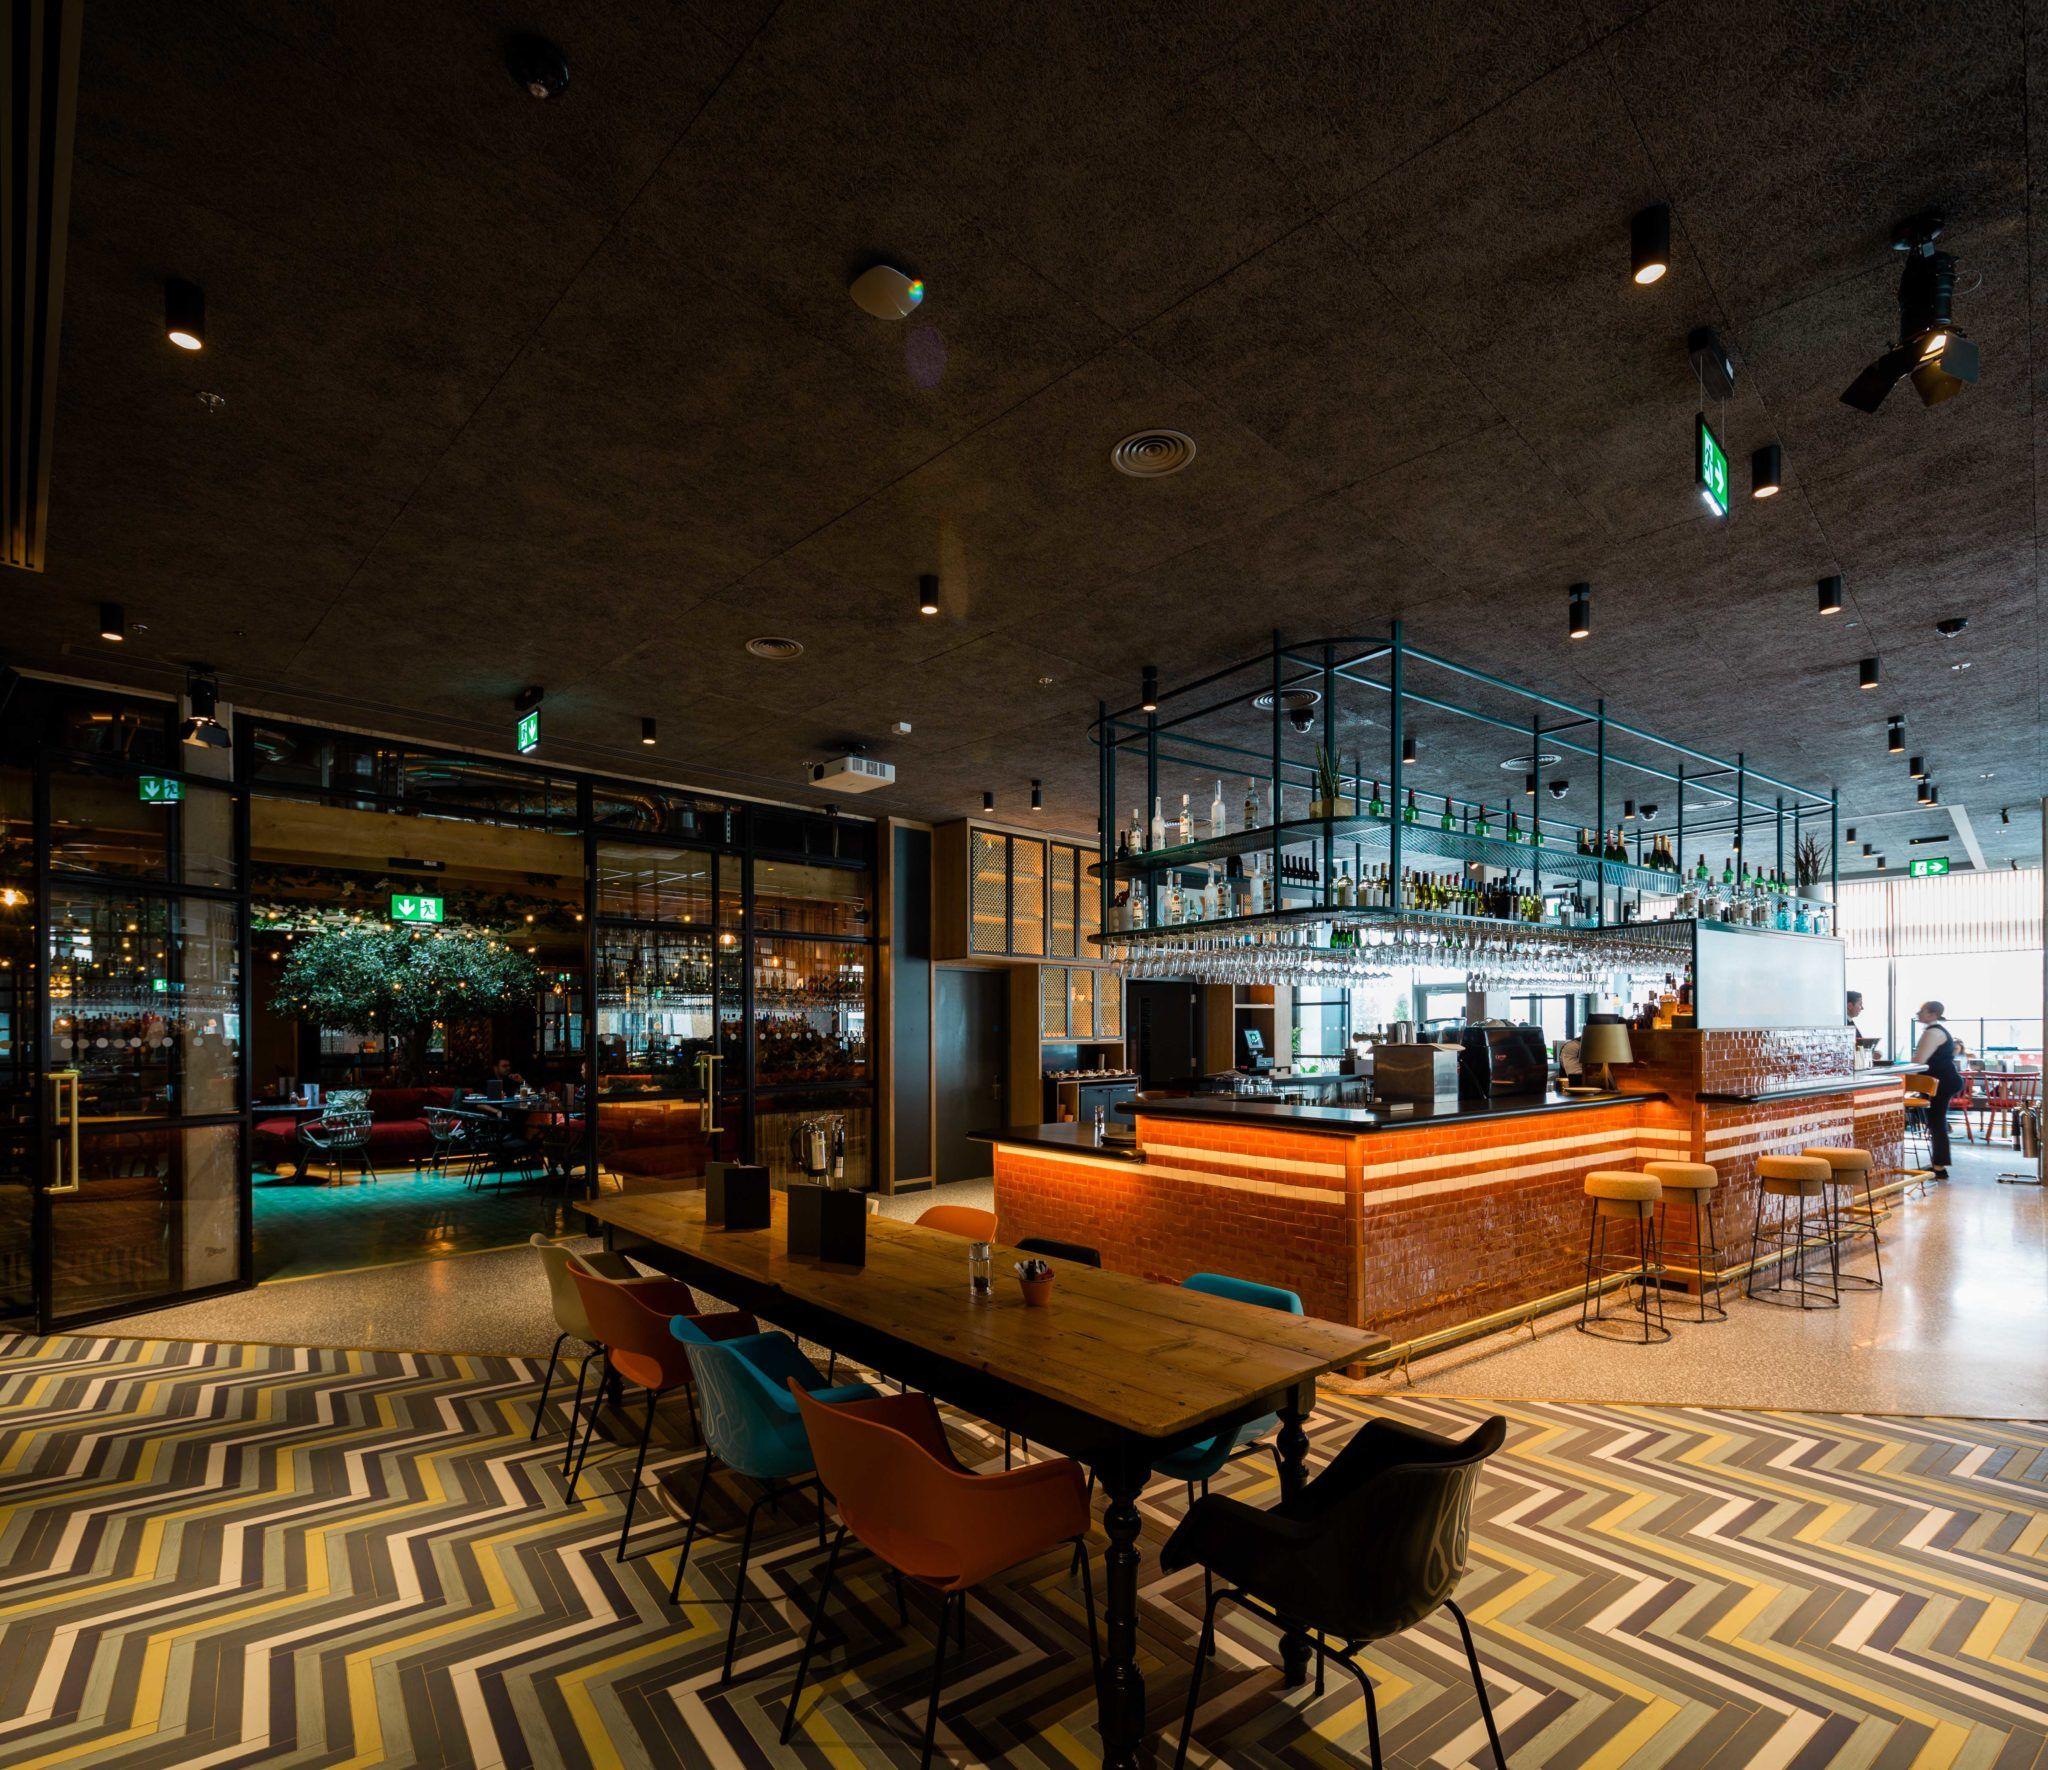 Marlin Hotel Dublin Bar and dining area - new Dublin hotel